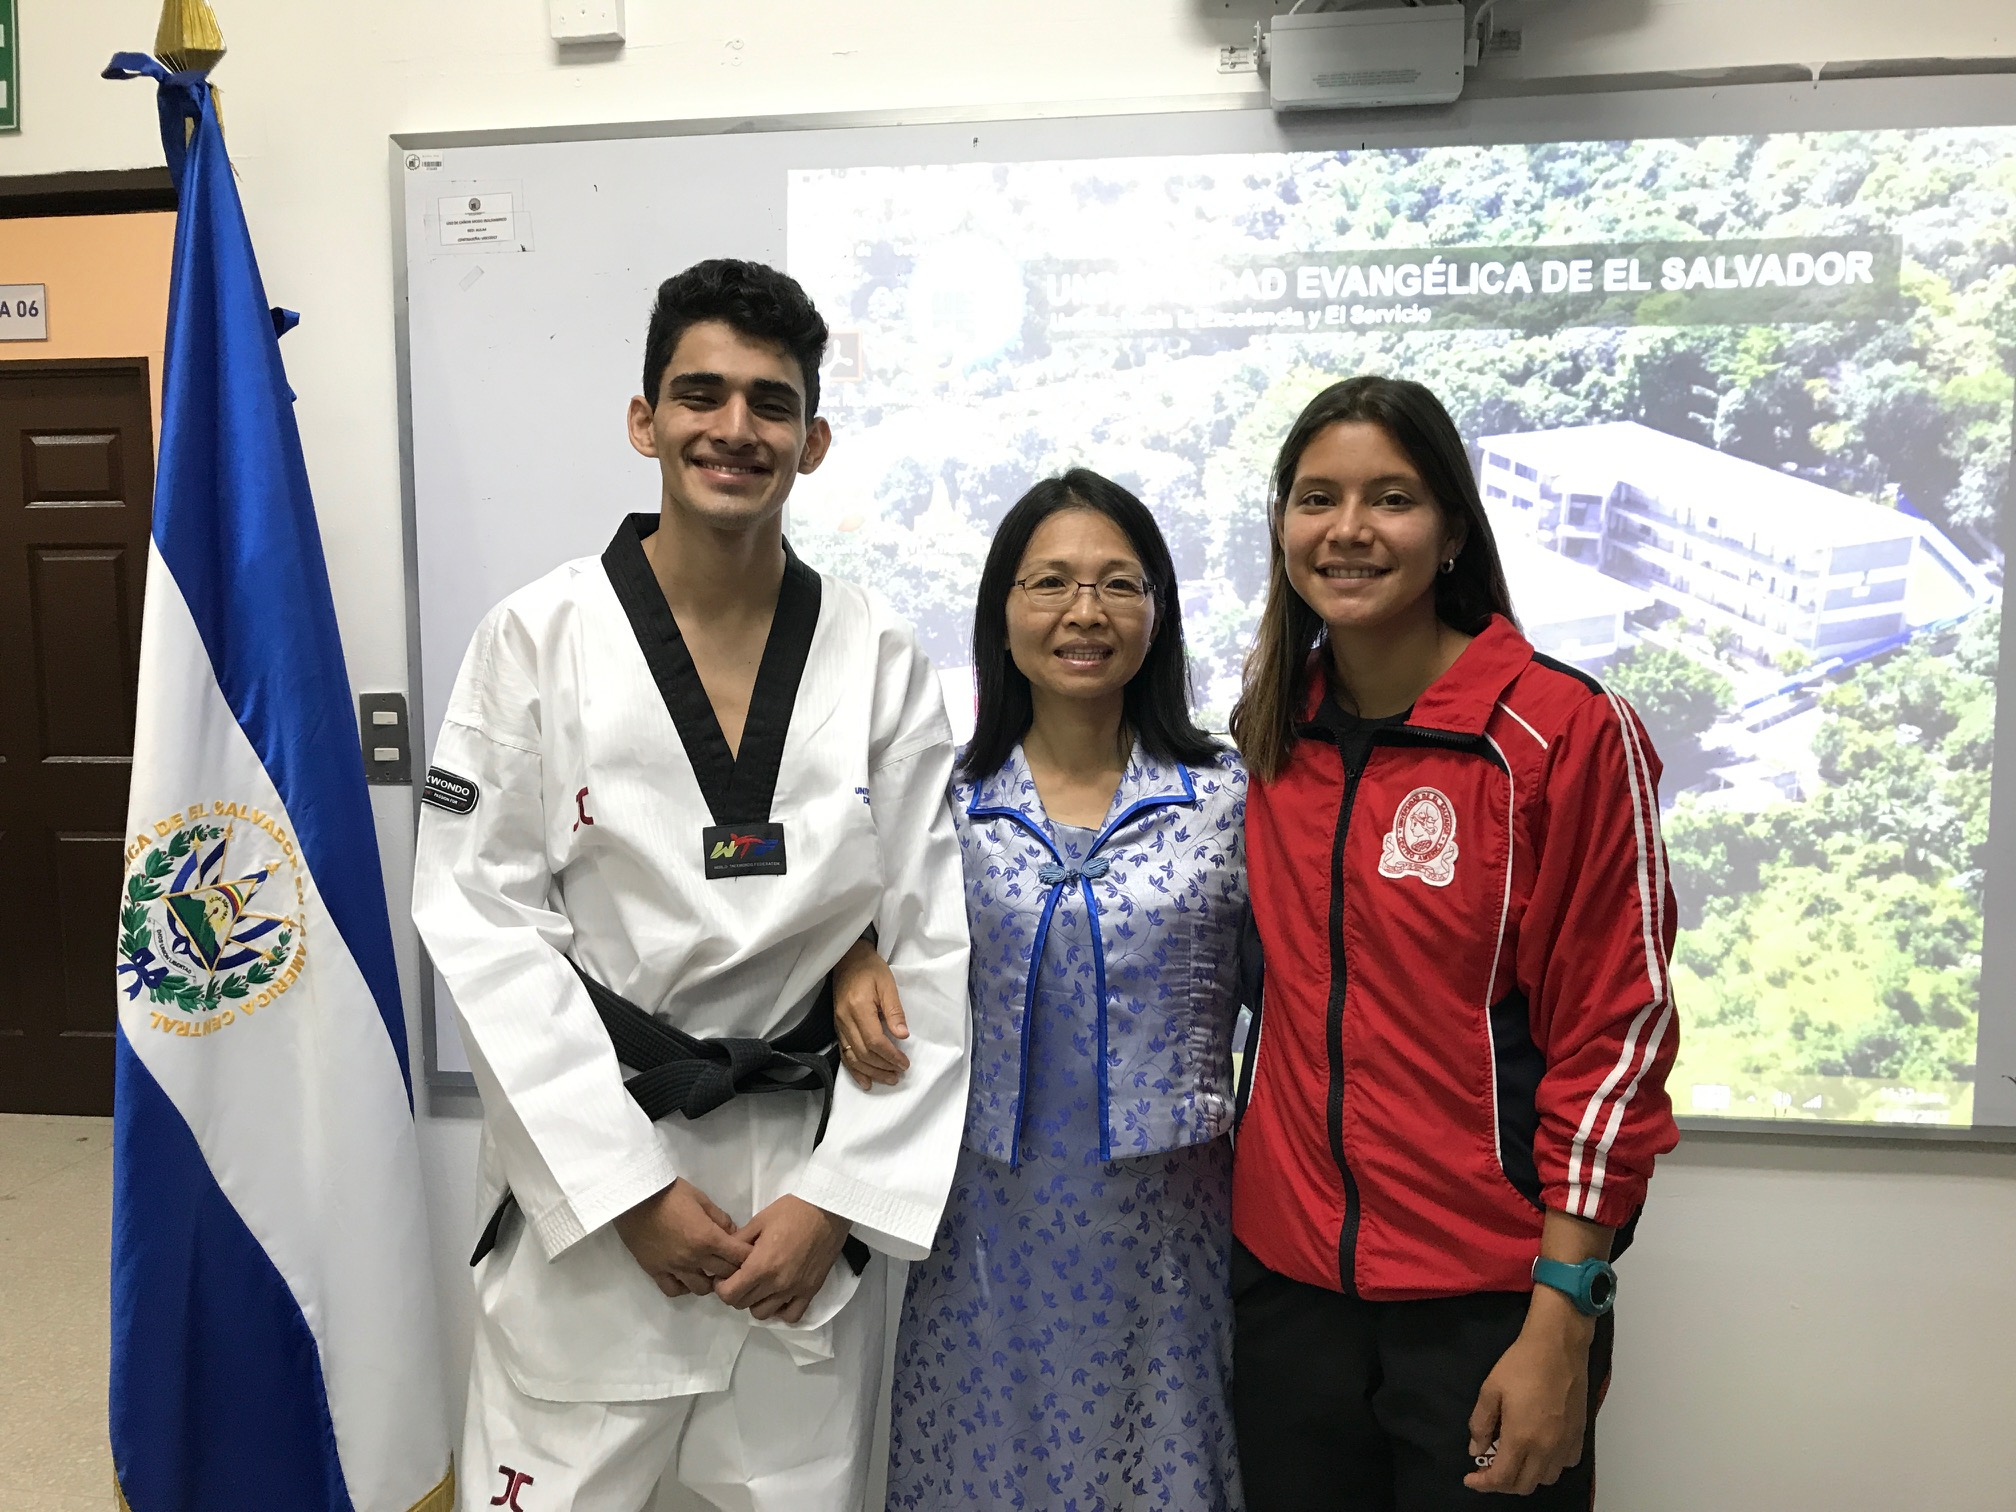 Delegación salvadoreña participará en Juegos Universitarios de Verano en Taiwán